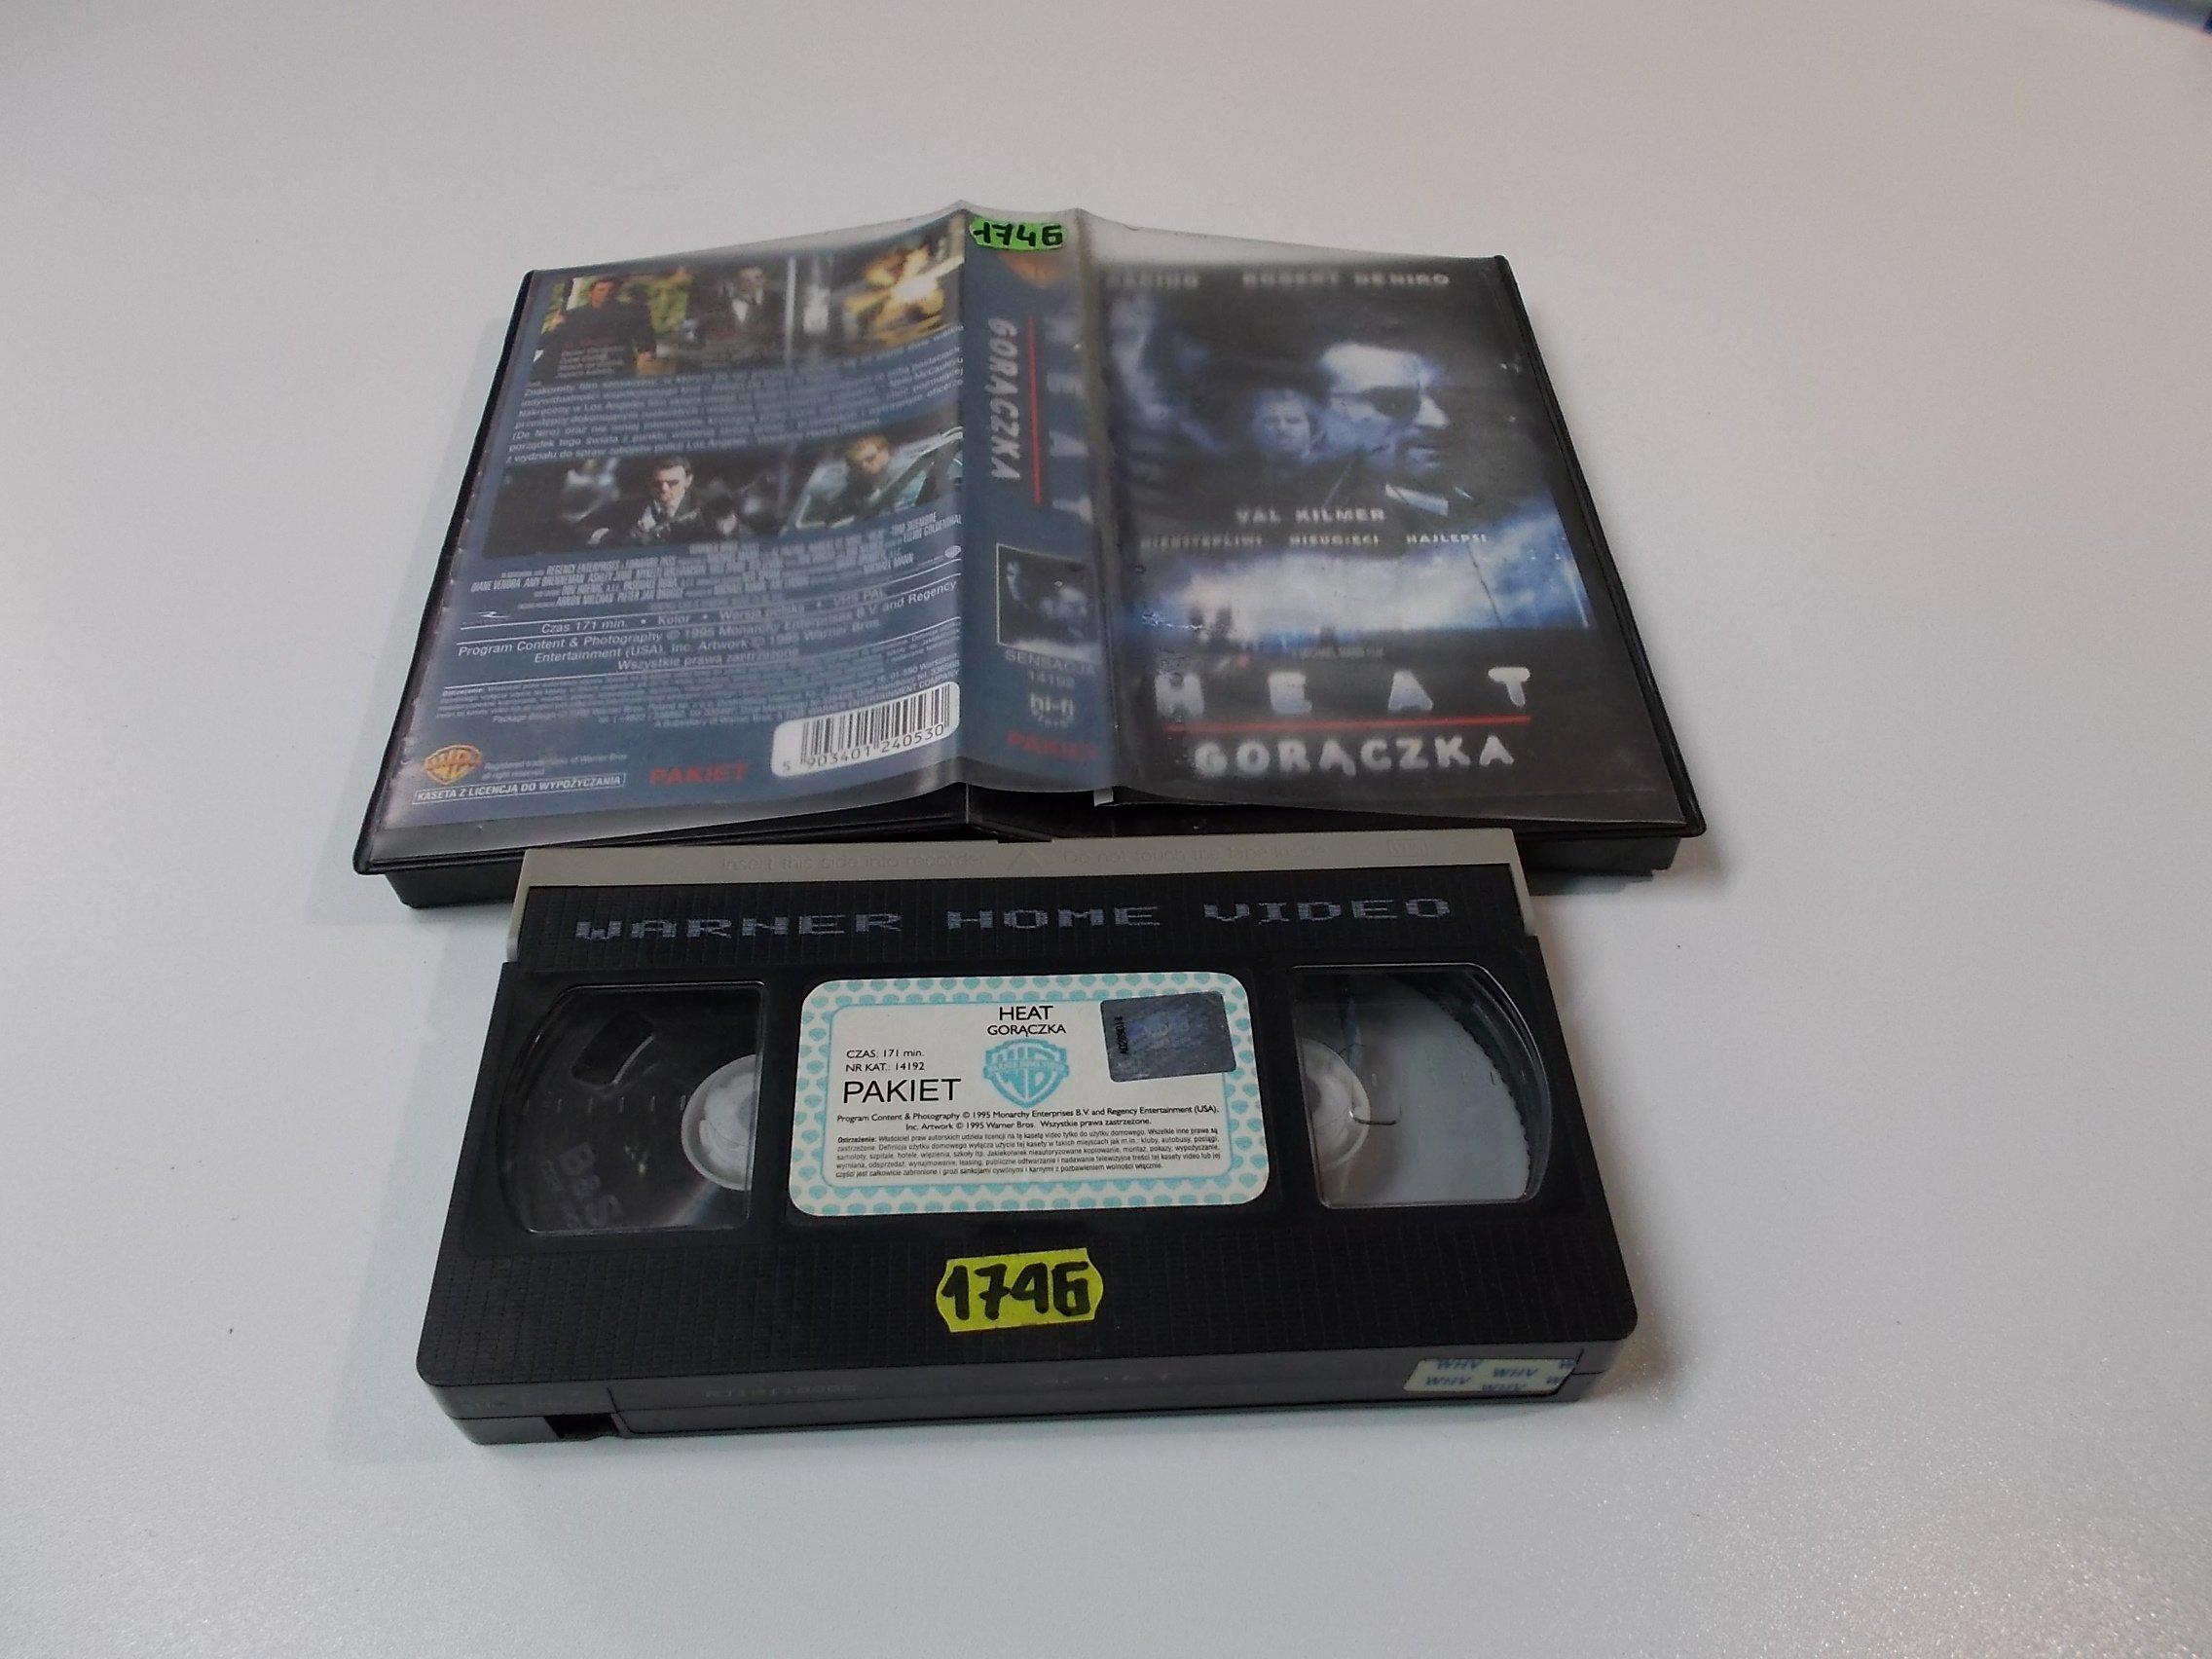 GORĄCZKA - VHS Kaseta Video - Opole 1612